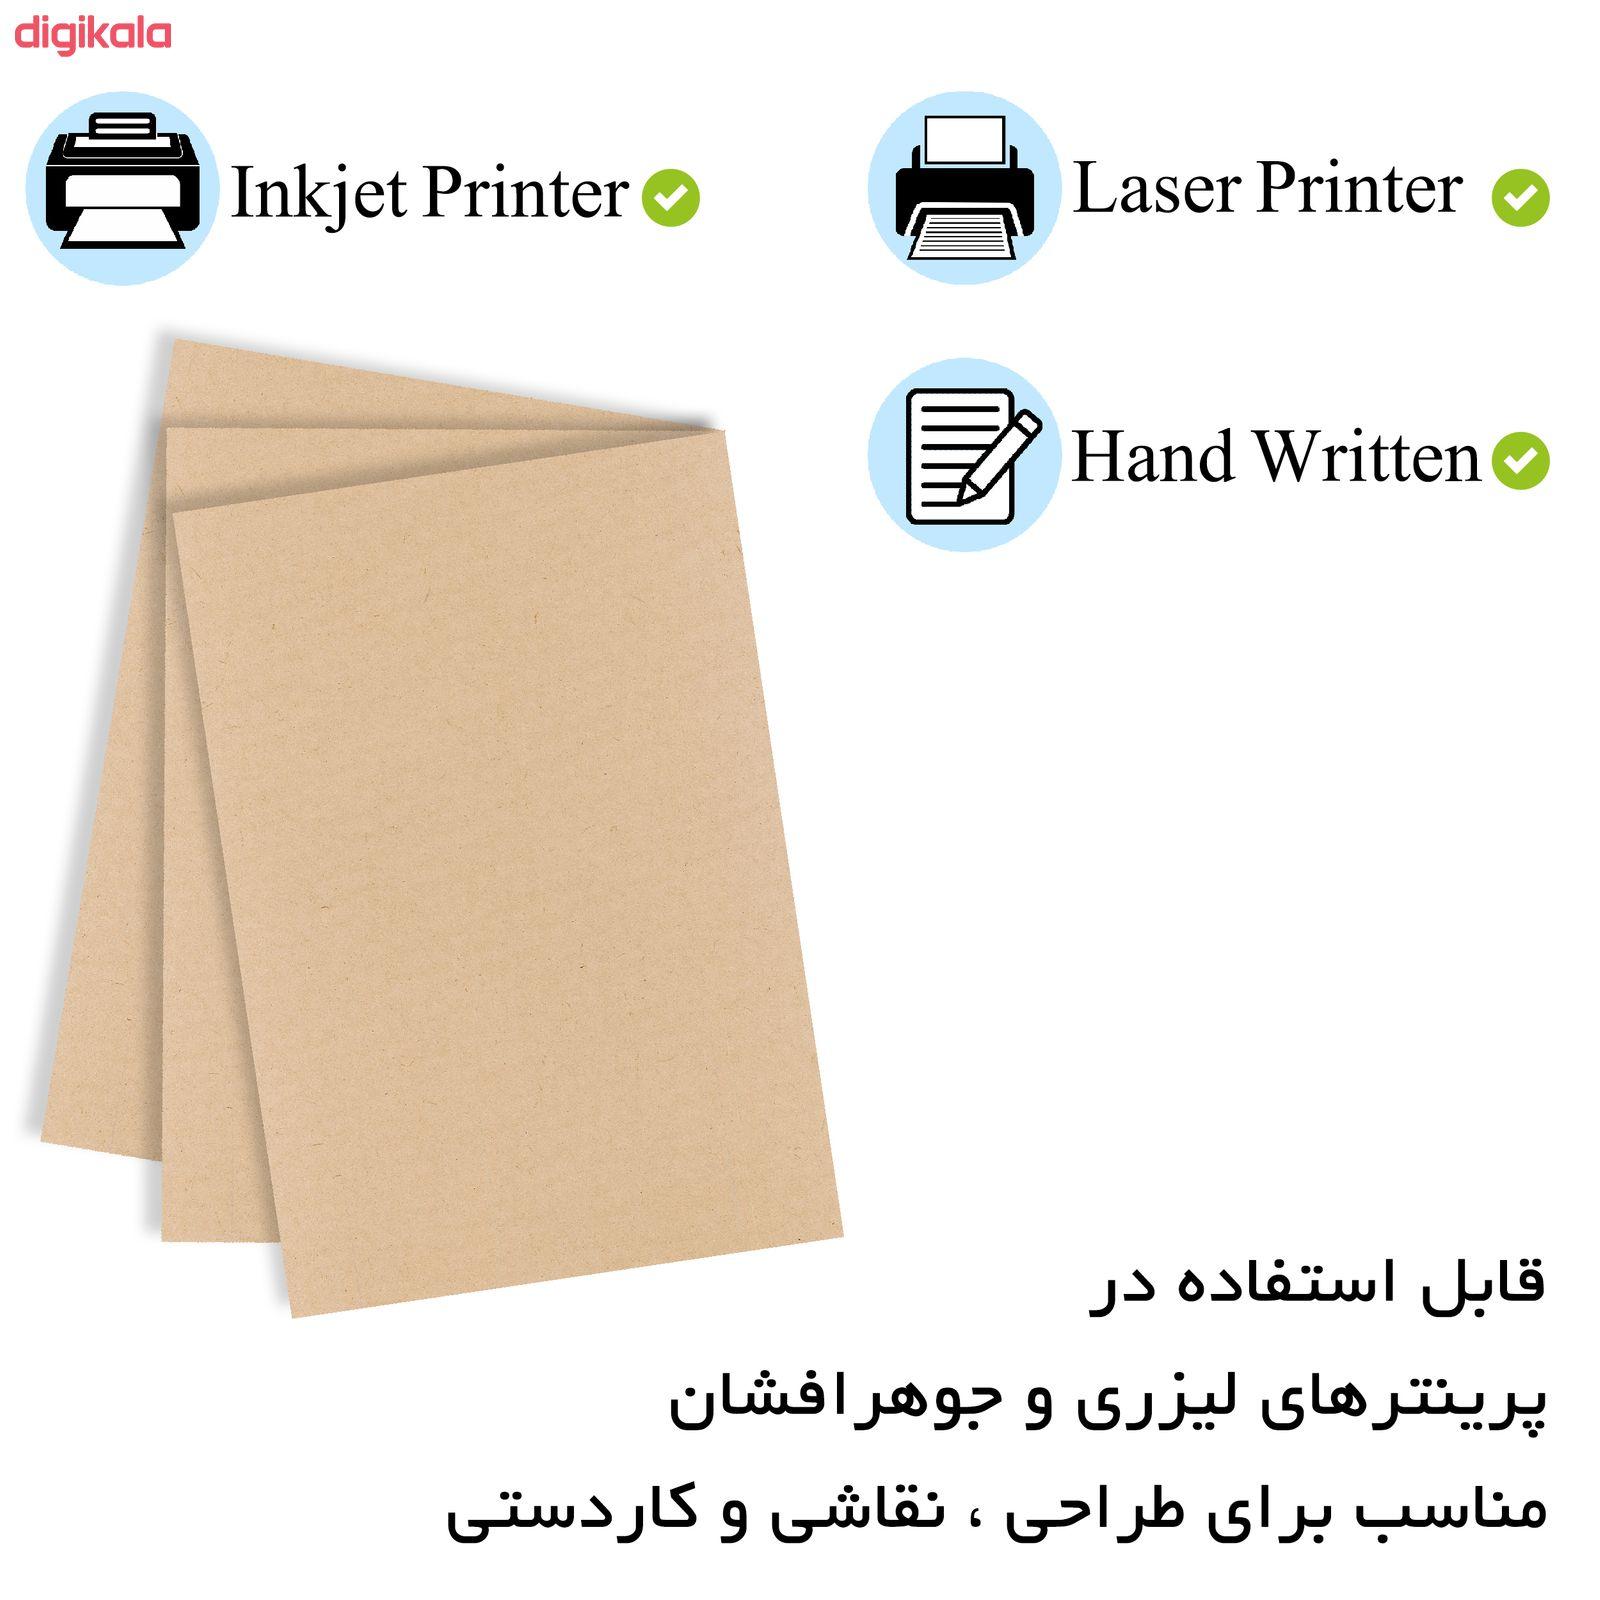 کاغذ کرافت مستر راد کد 1436 بسته 50 عددی main 1 5